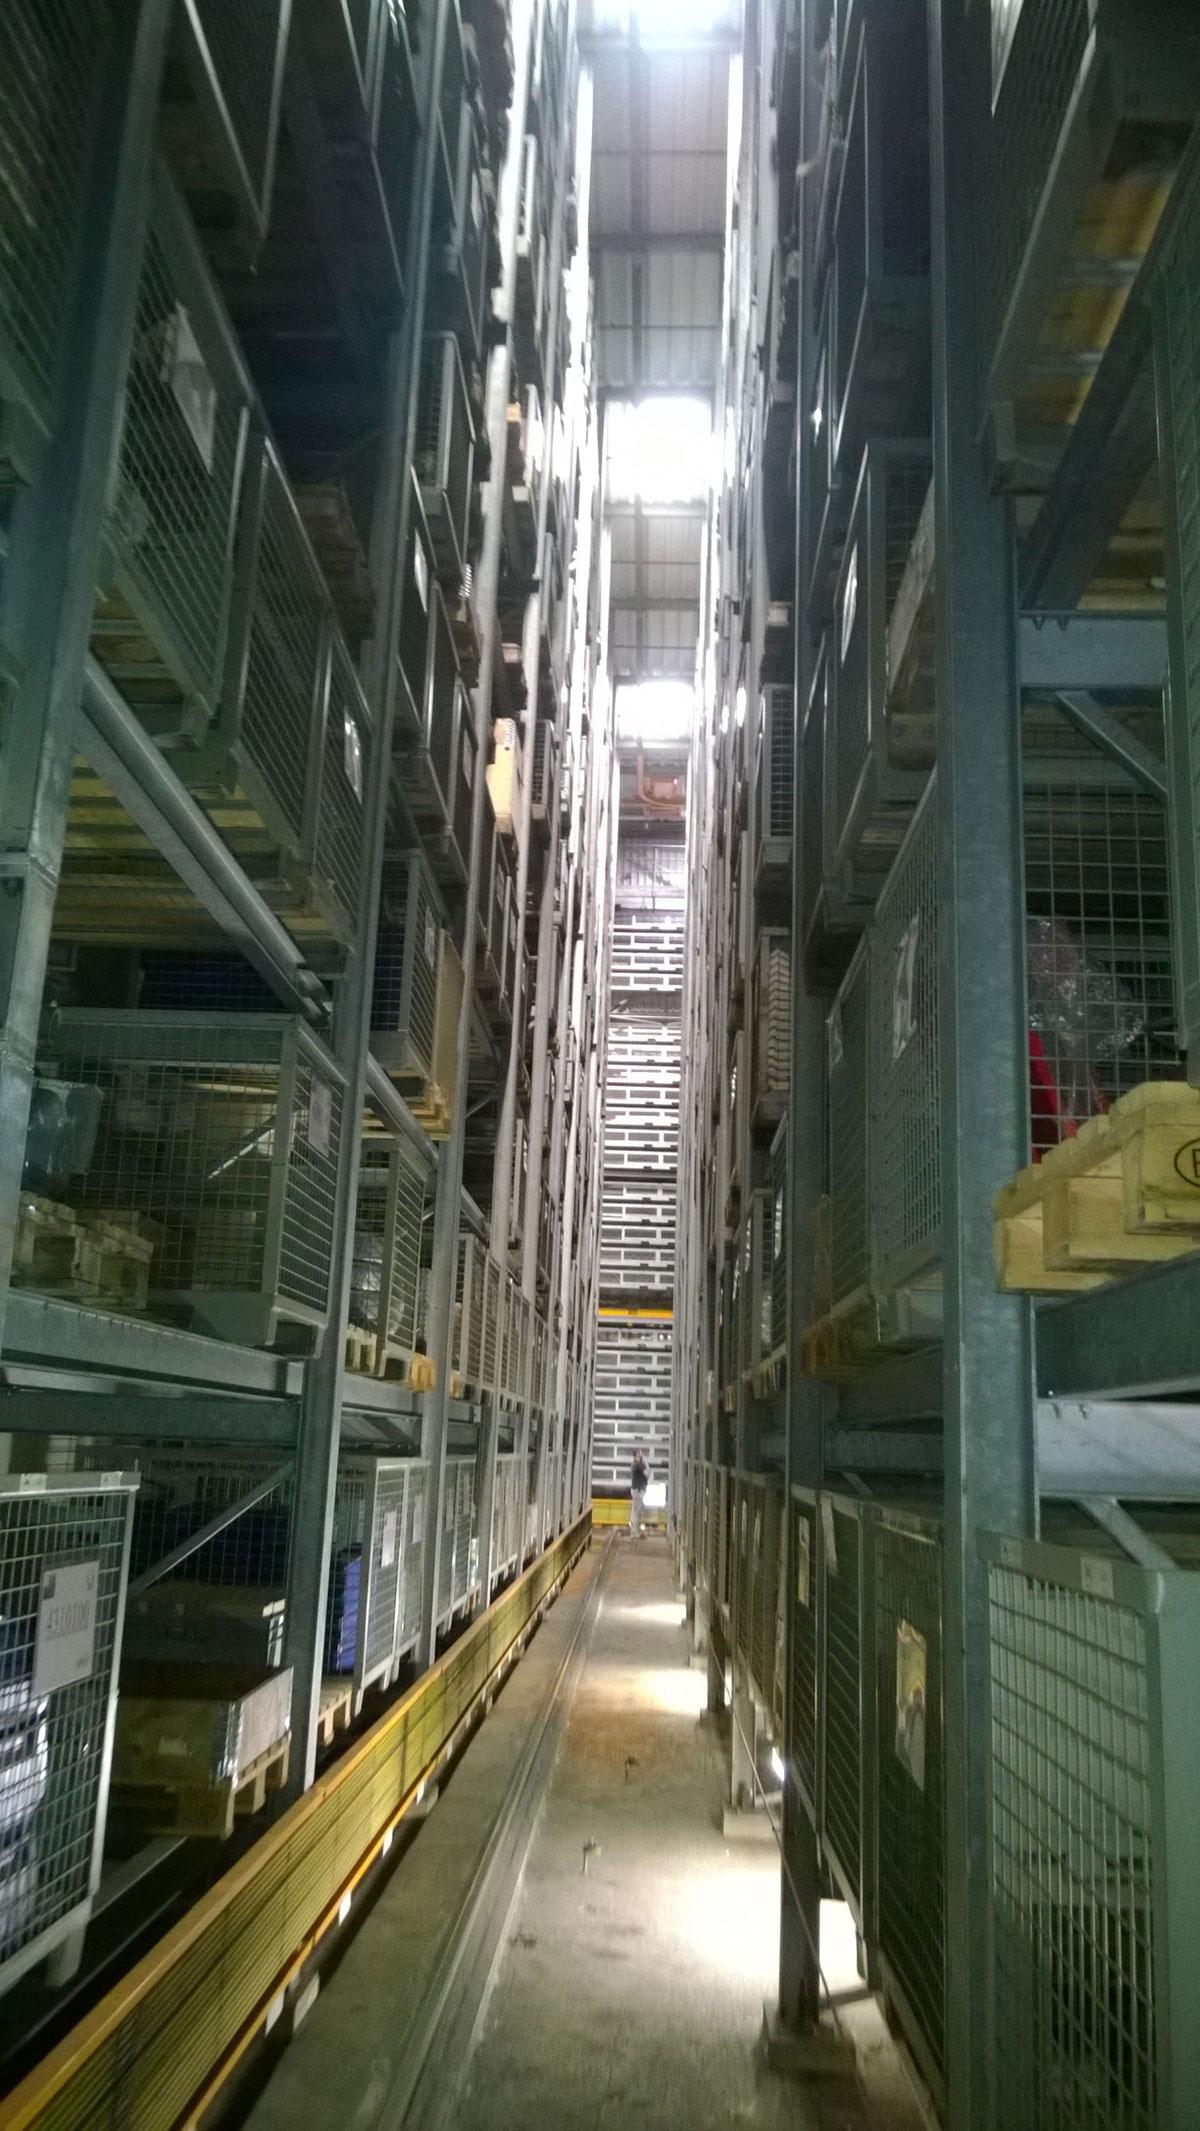 Die Lagereinrichtung in der Hauptwerkstatt gibt einen Eindruck von den enormen Vorräten, die die KVB für den Betriebsablauf benötigt.